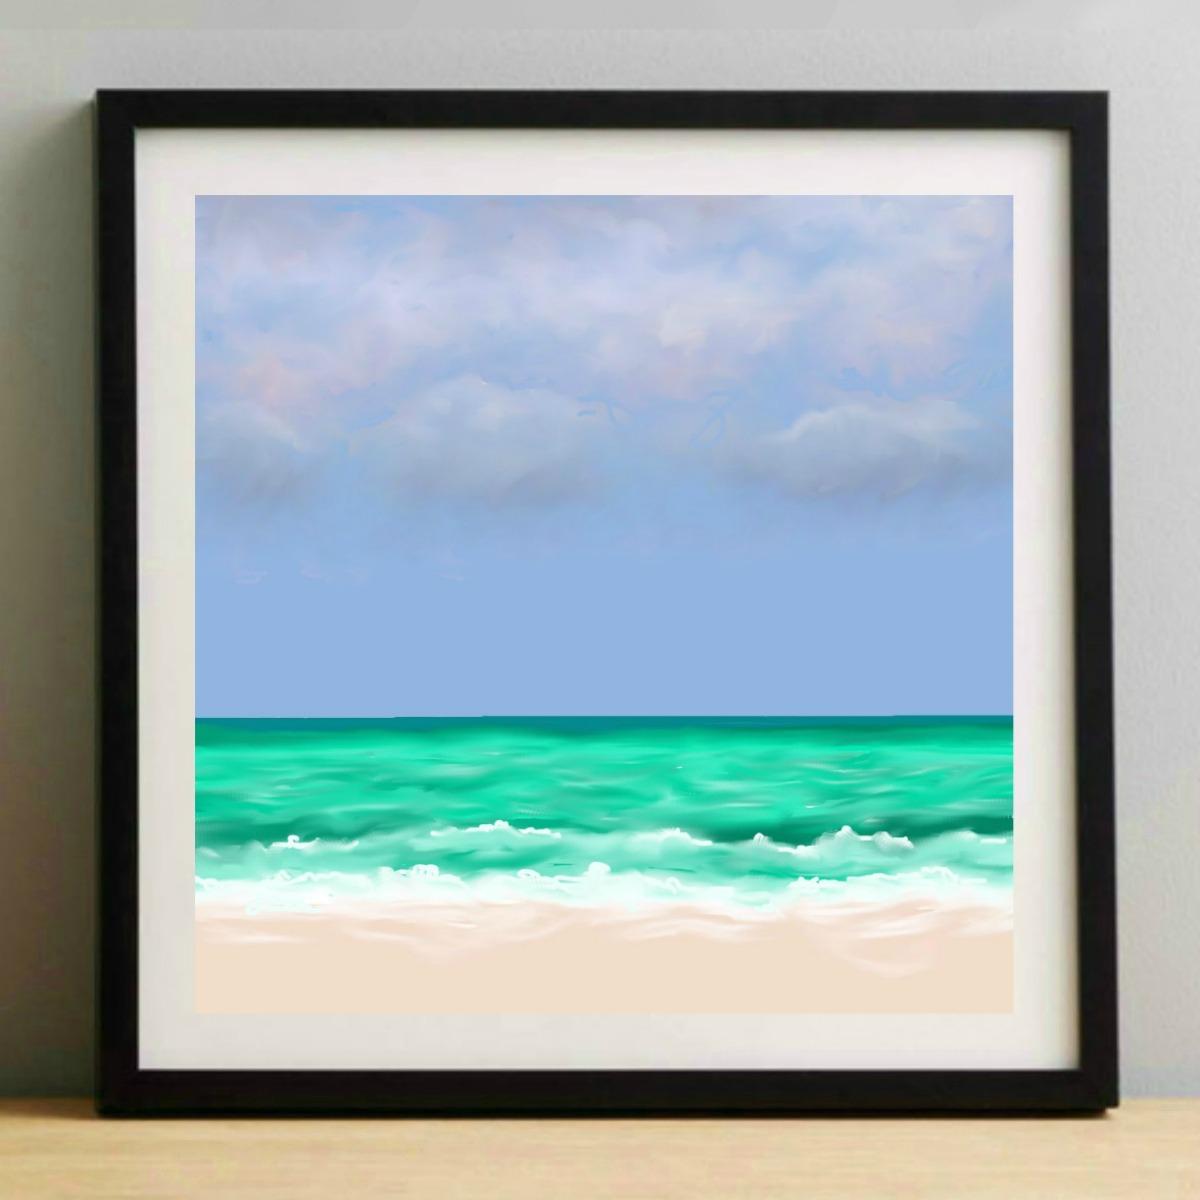 Sea and Sand 4 Print